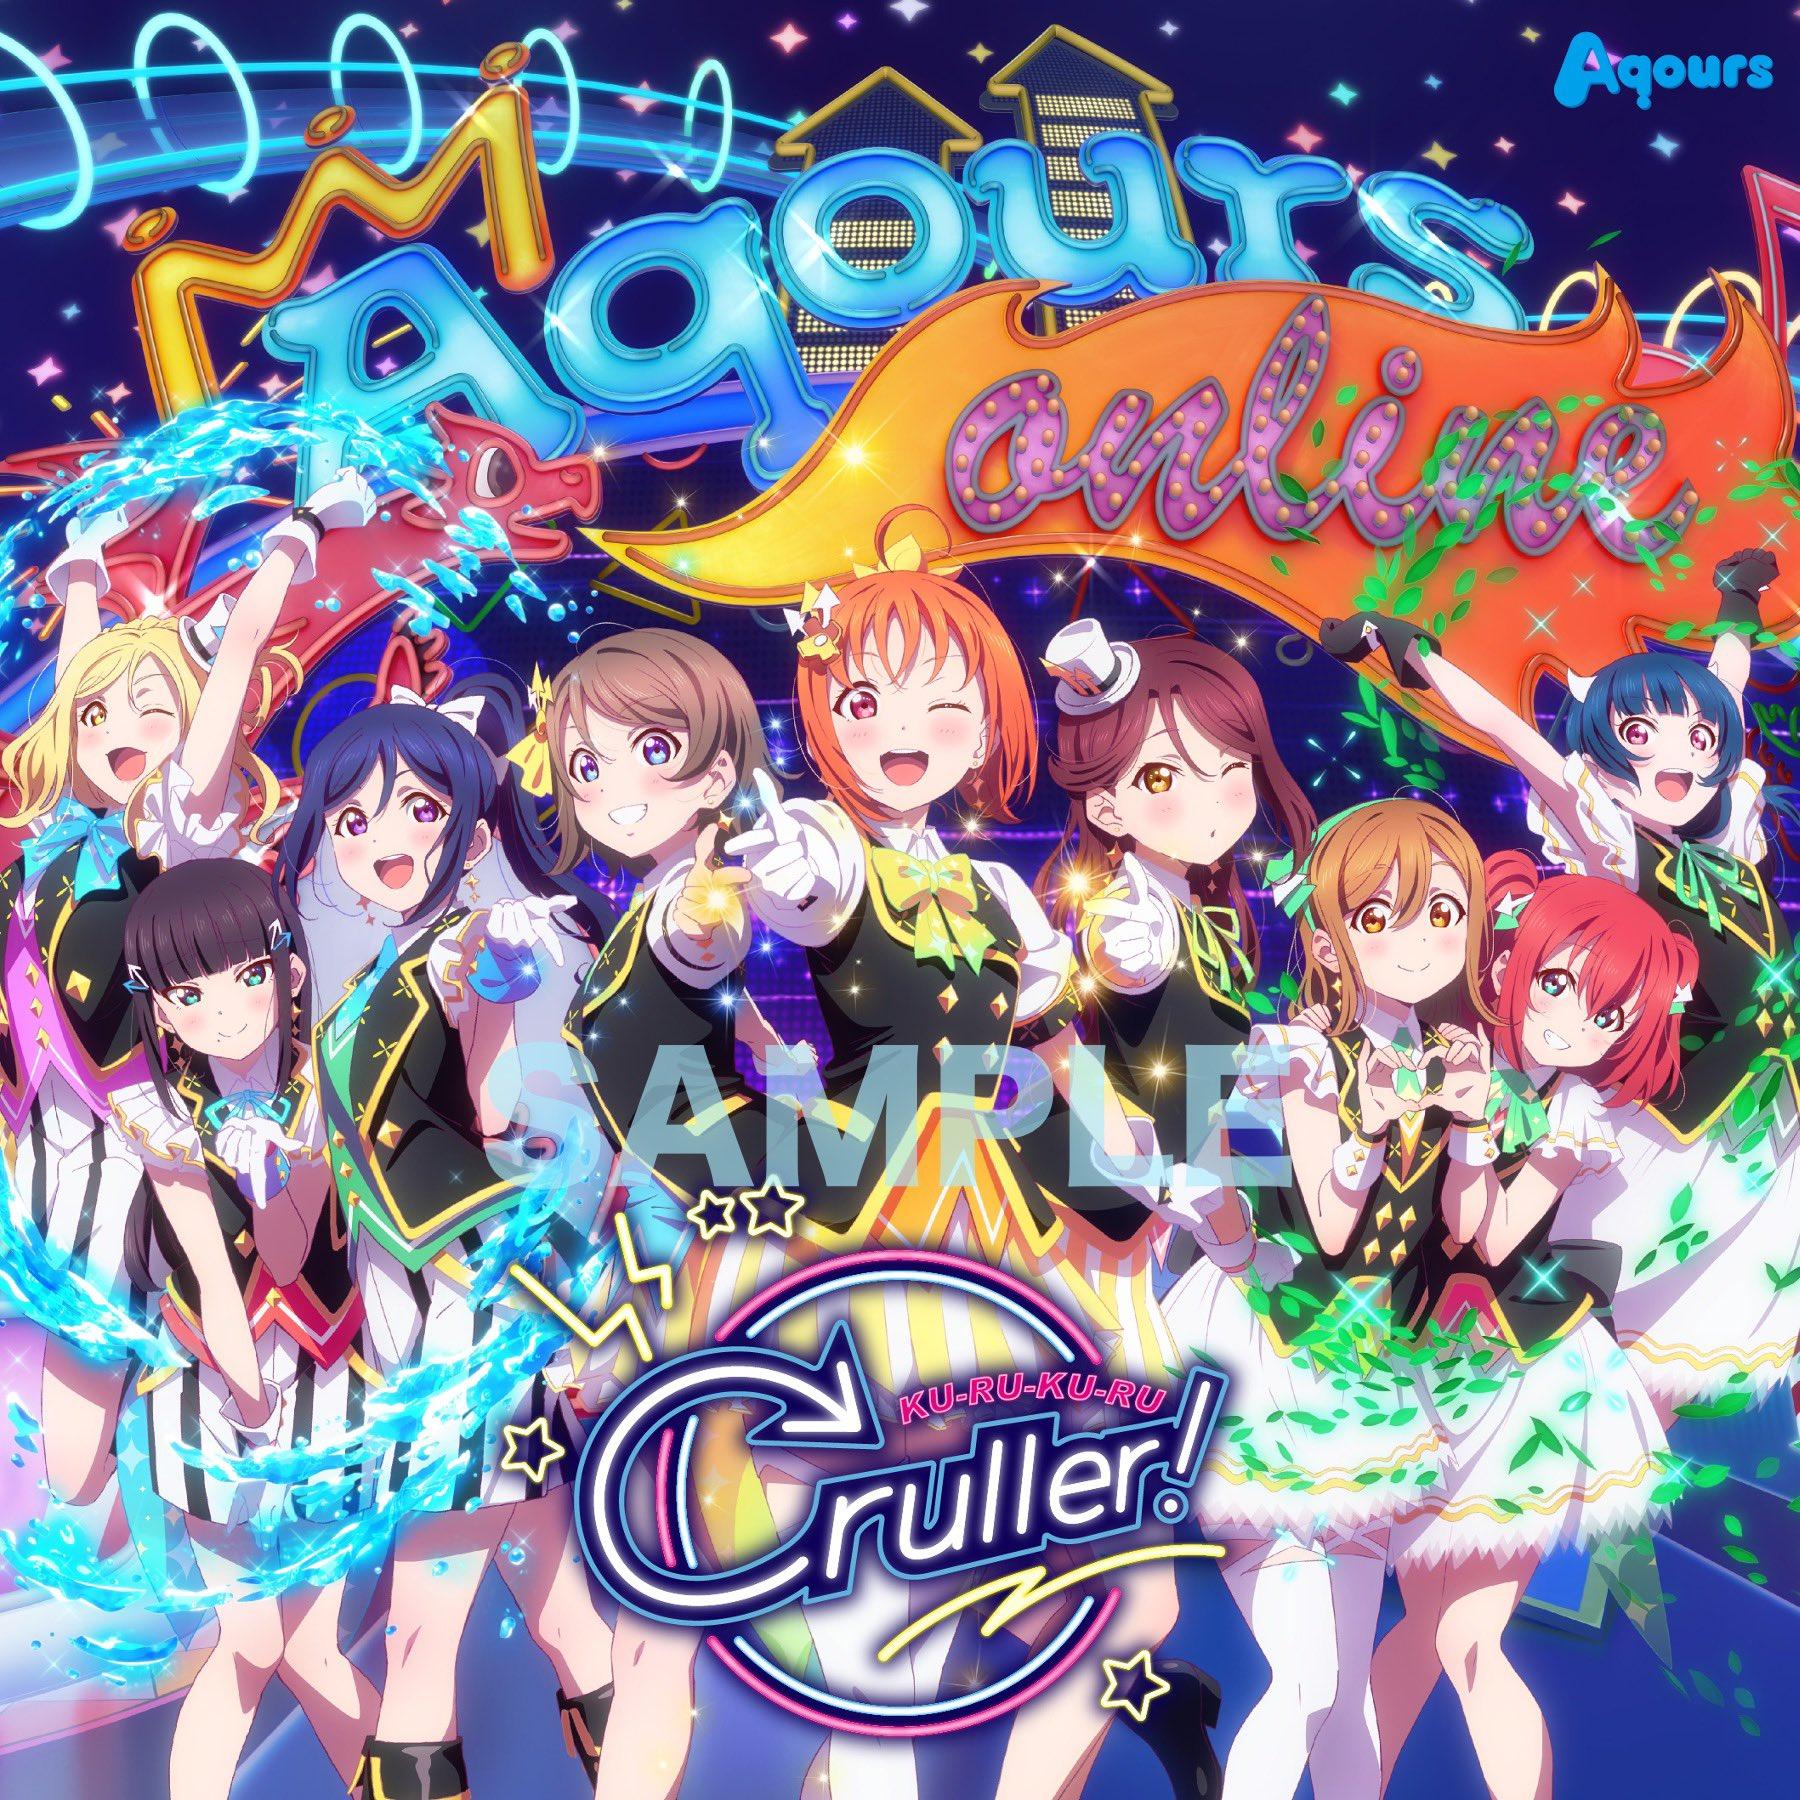 Aqours - KU-RU-KU-RU Cruller!